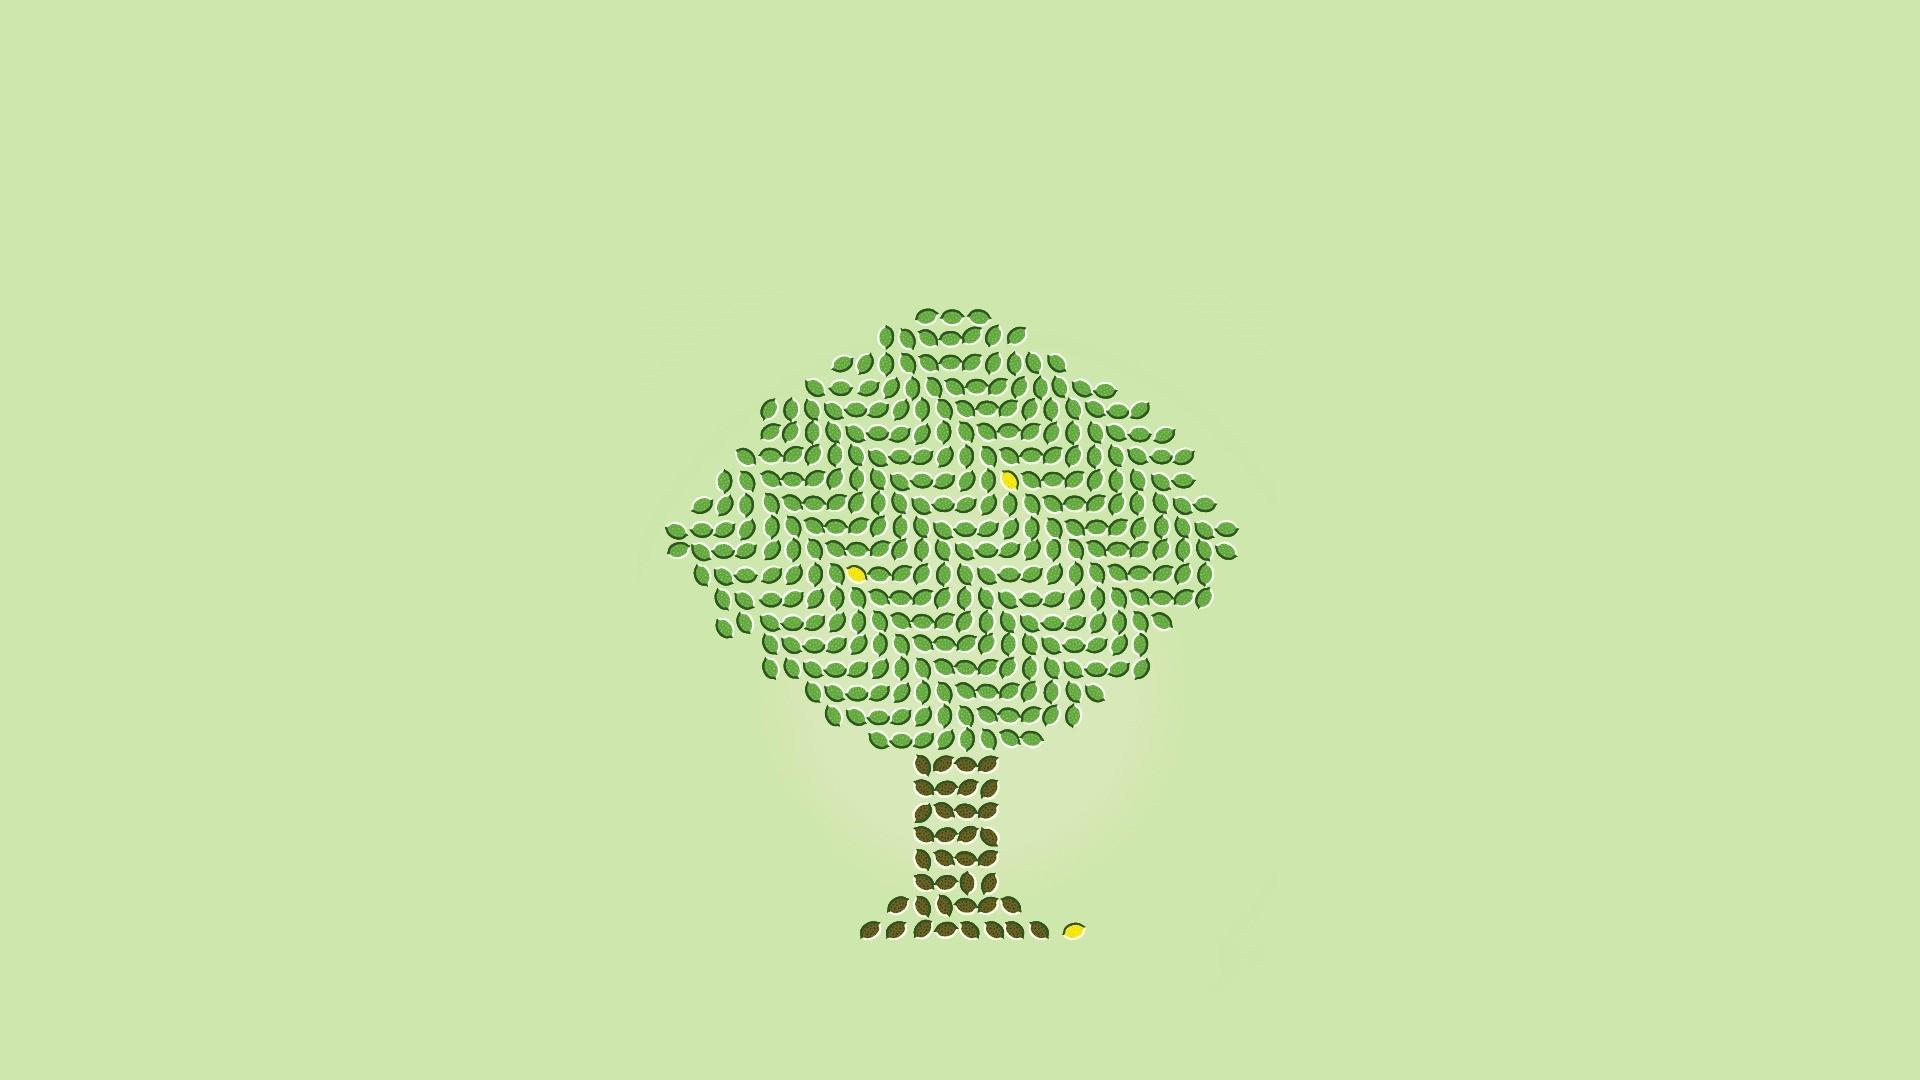 Tree Minimalist Wallpaper theme